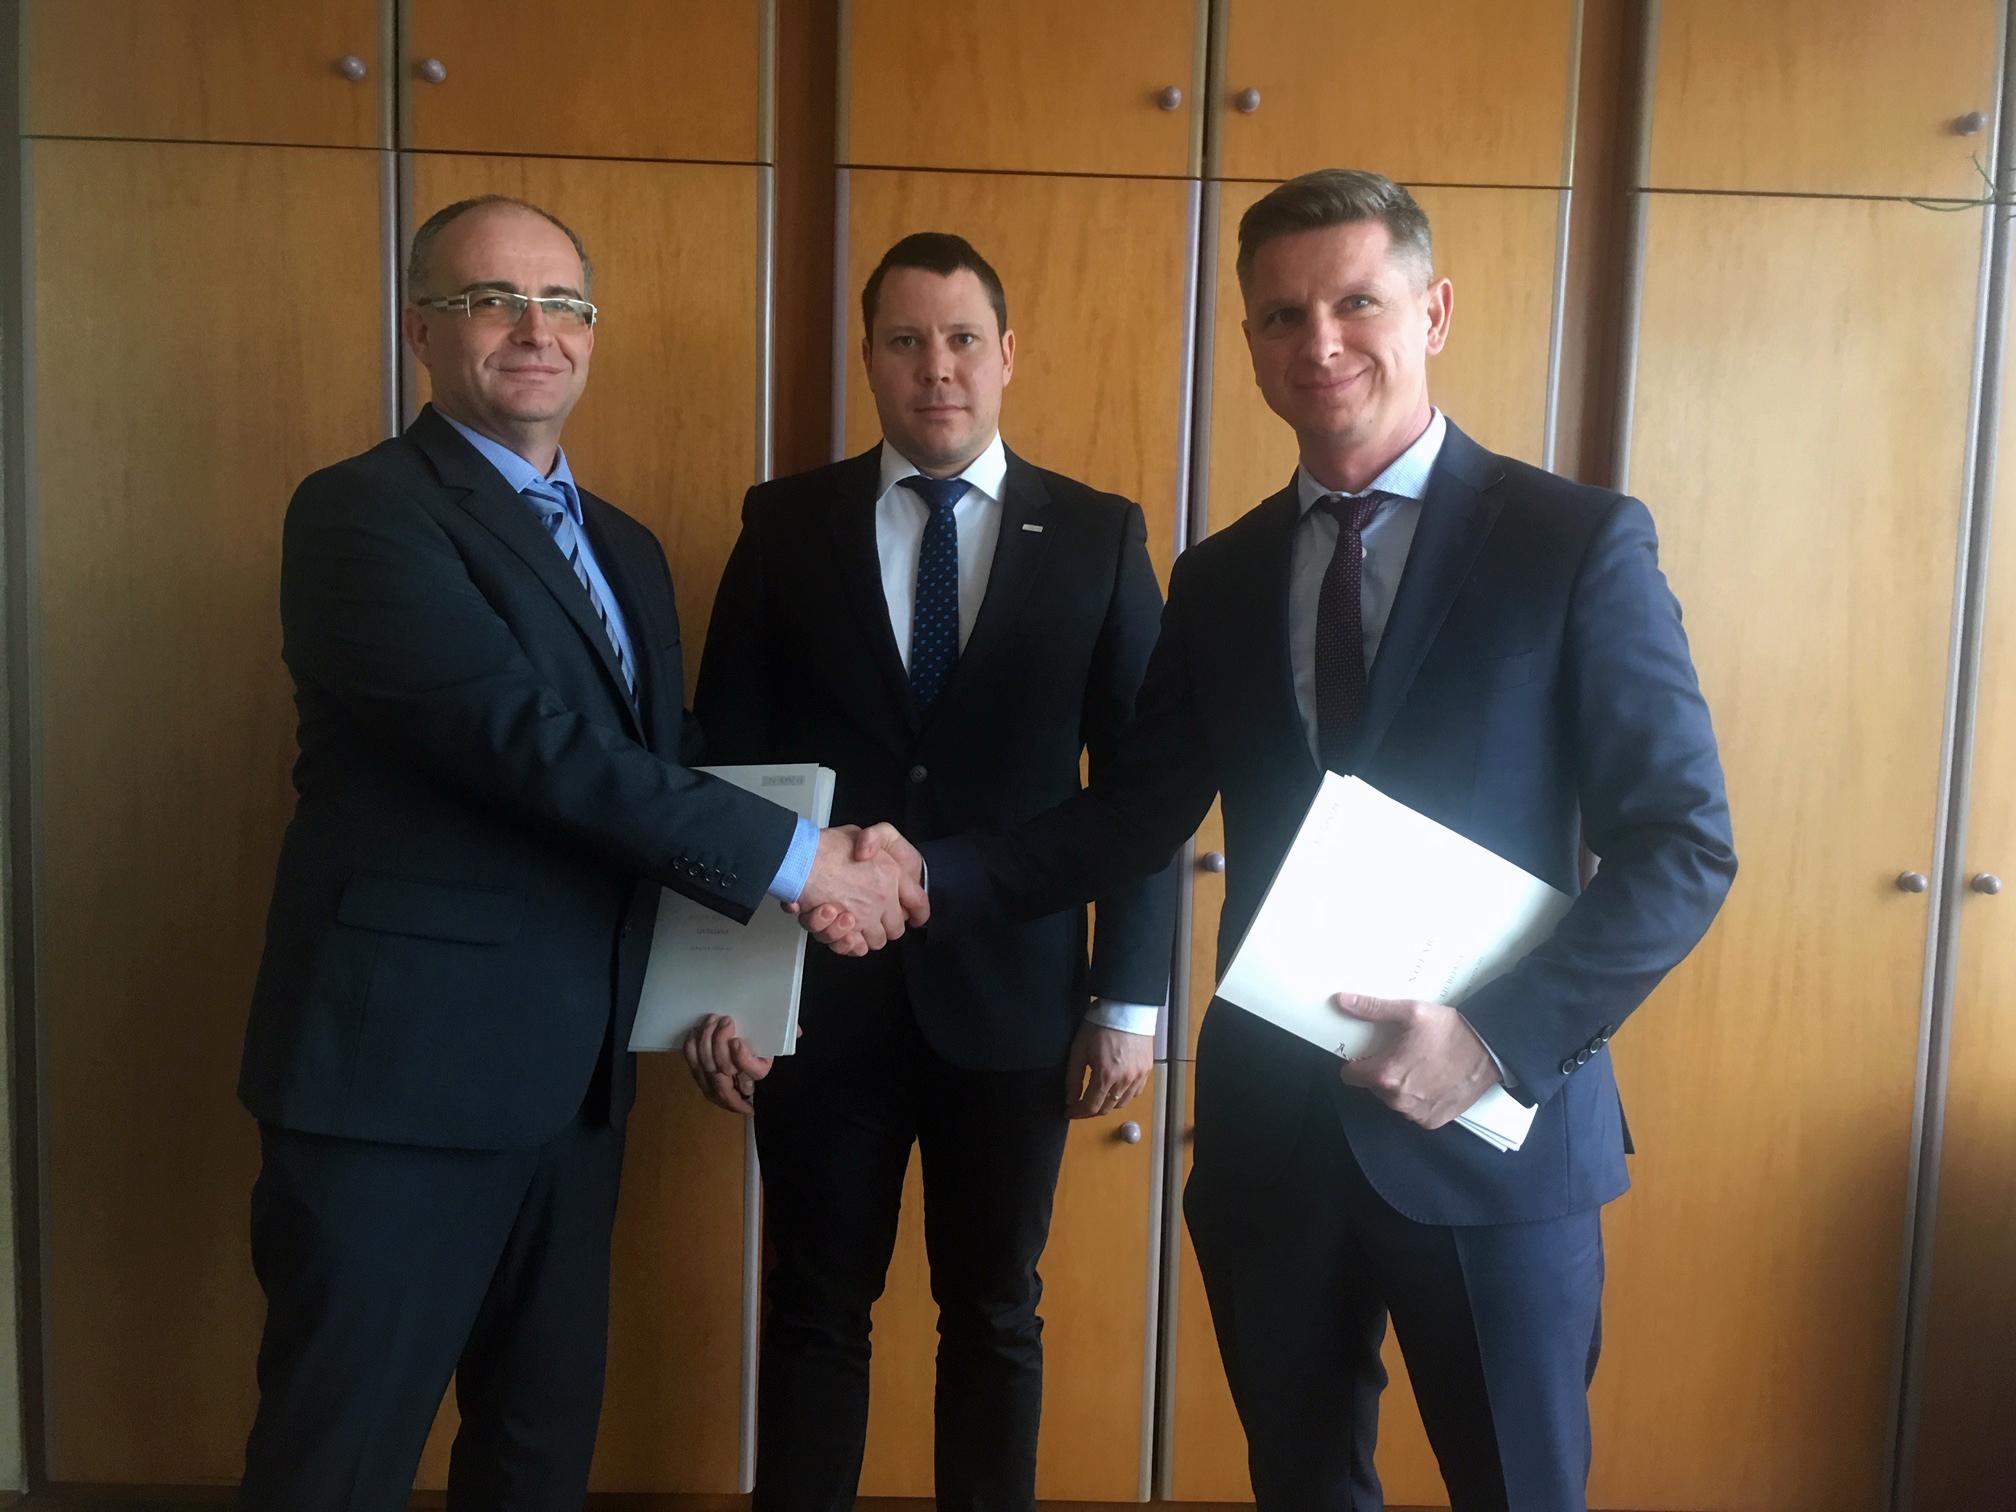 Od prawej: Maciej Walczyk, prezes zarządu AWT, Jiří Minka, członek zarządu AWT i Matjaž Mesec, dyrektor Primol-Rail.